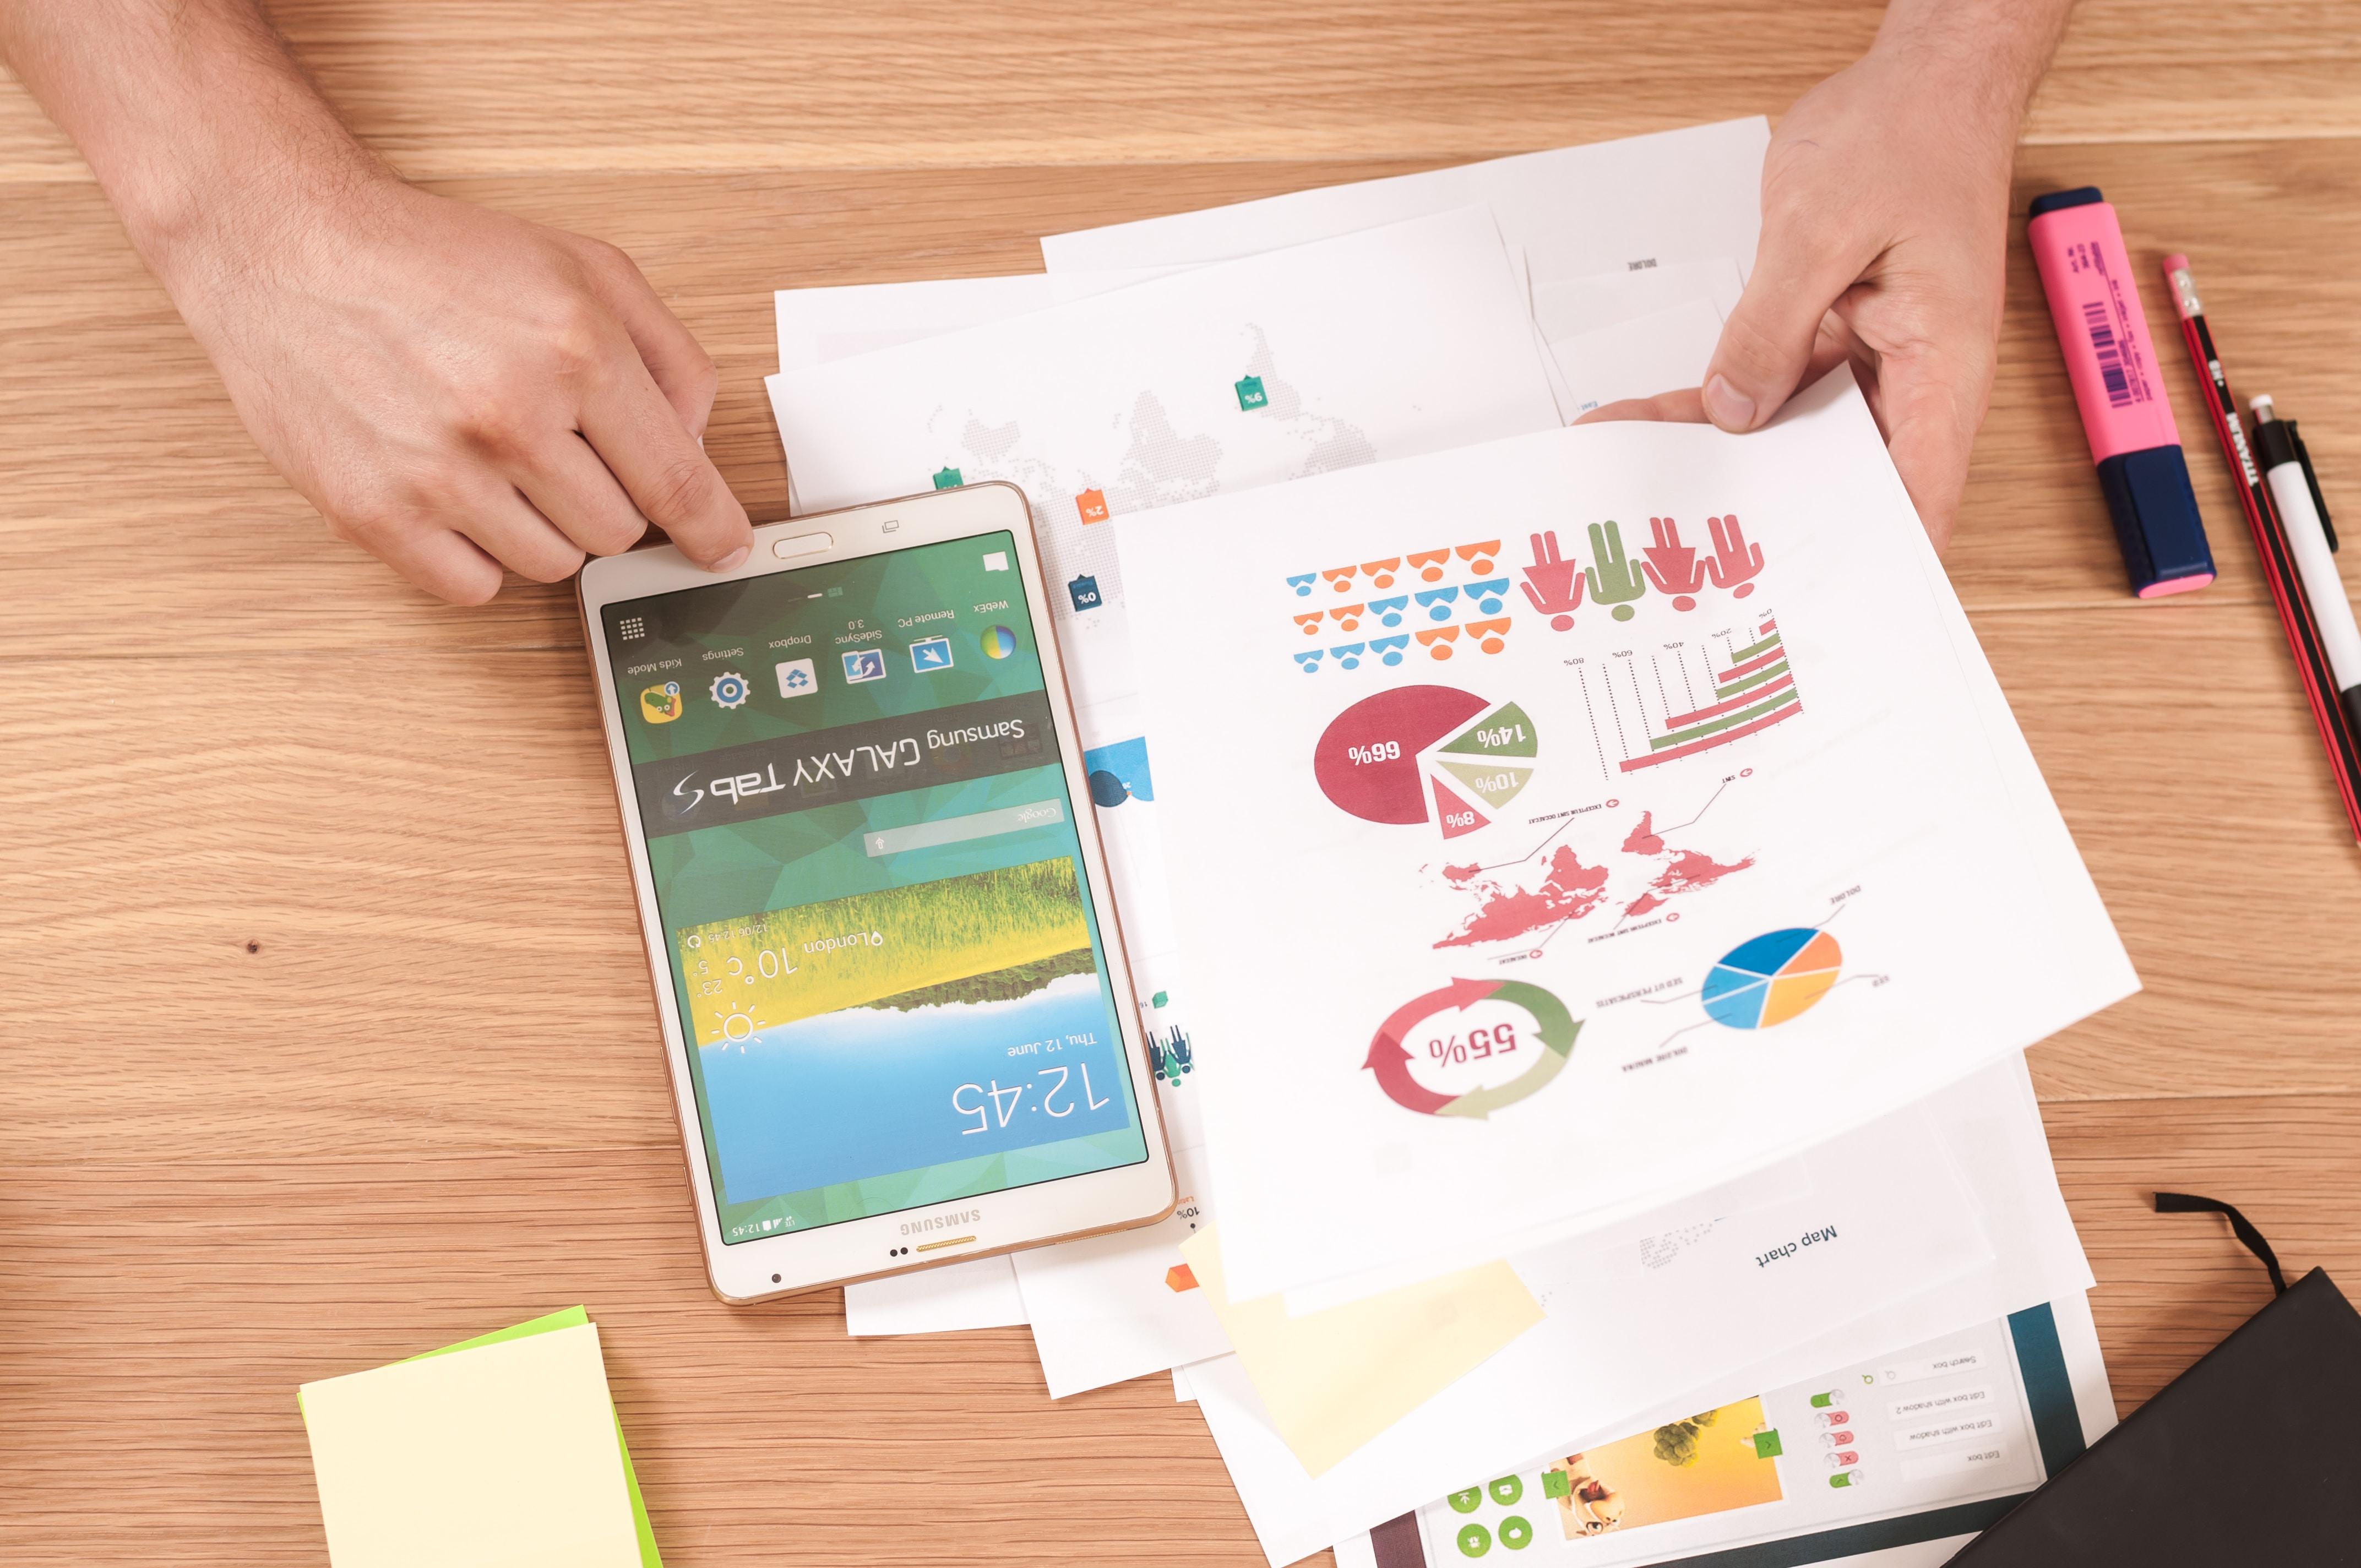 webinars digital marketing